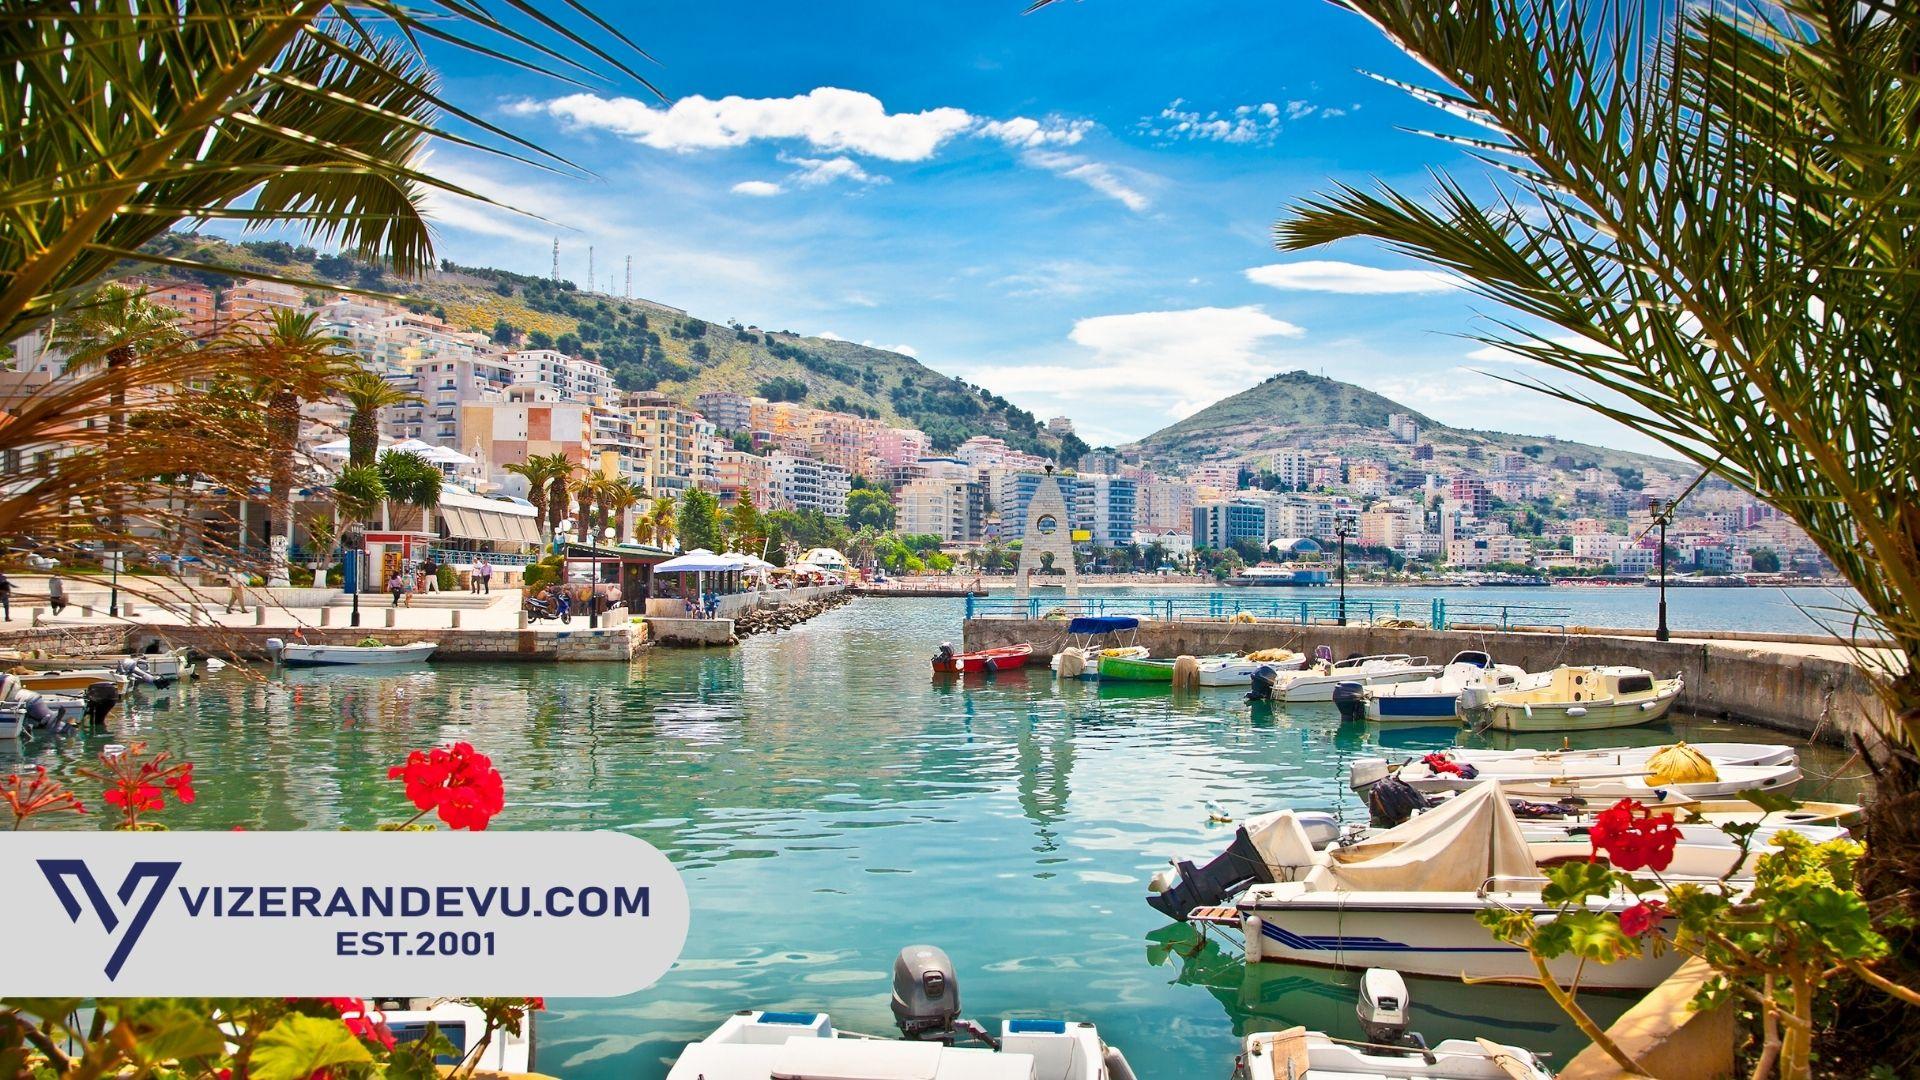 Arnavutluk Vizesi: Randevu ve Başvuru (2021)